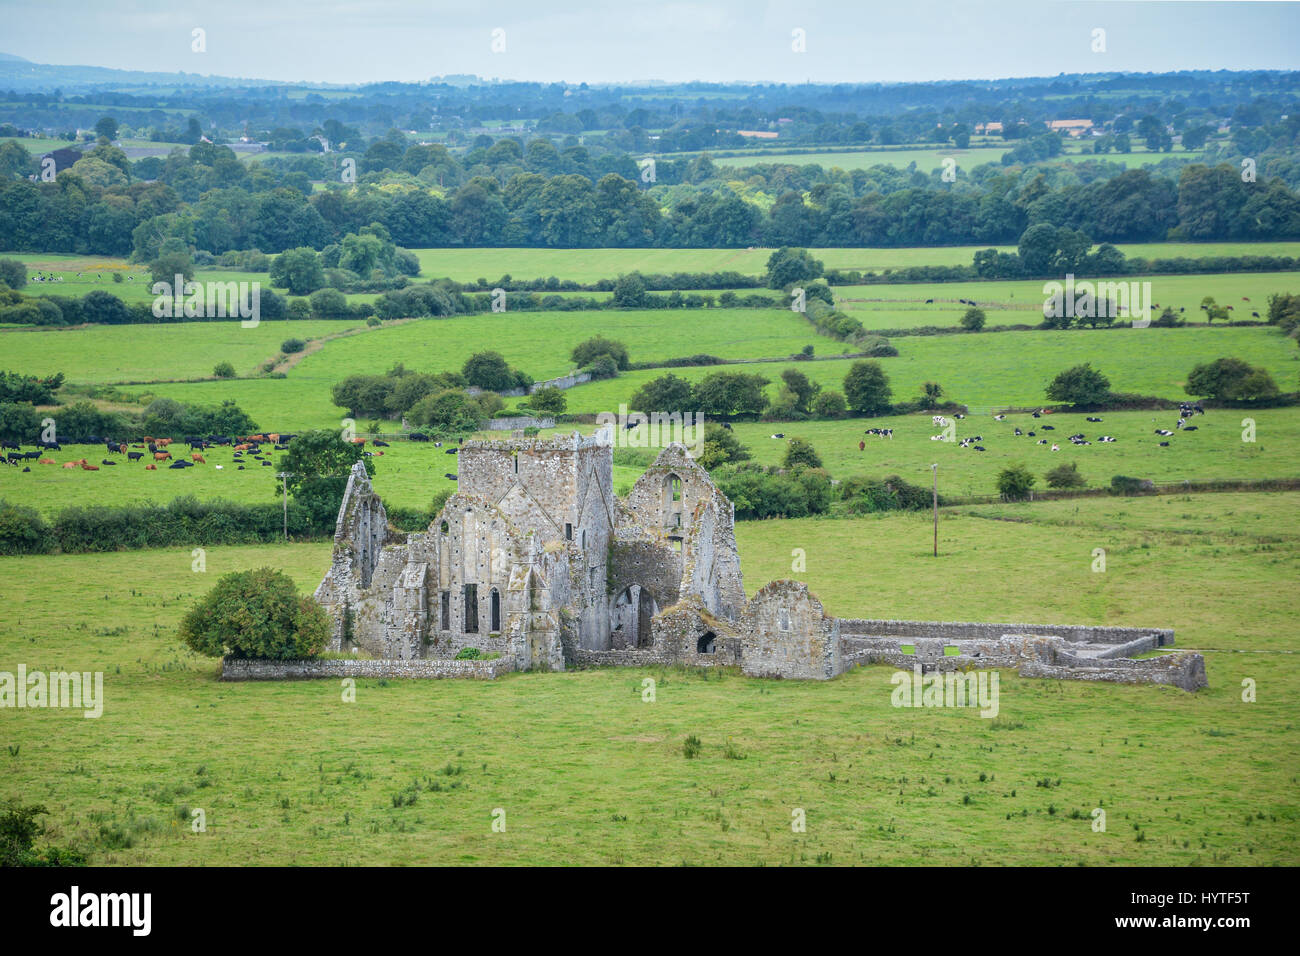 Hore Abbey, ruined Cistercian monastery near the Rock of Cashel, County Tipperary, Ireland Stock Photo